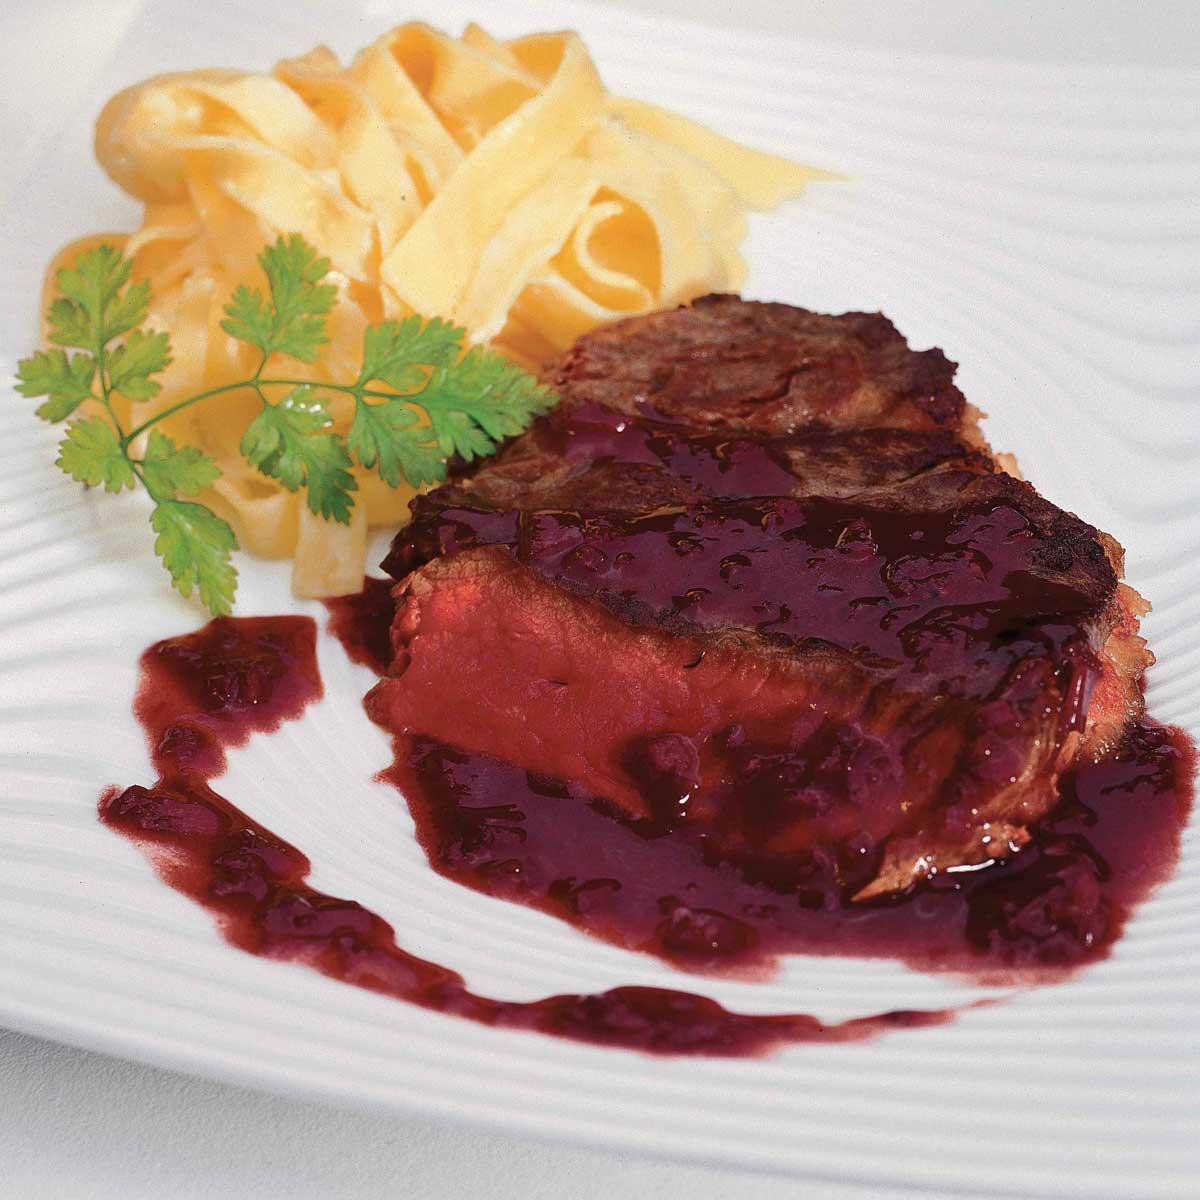 Recette b uf marchand de vin cuisine madame figaro for Marchand de cuisine